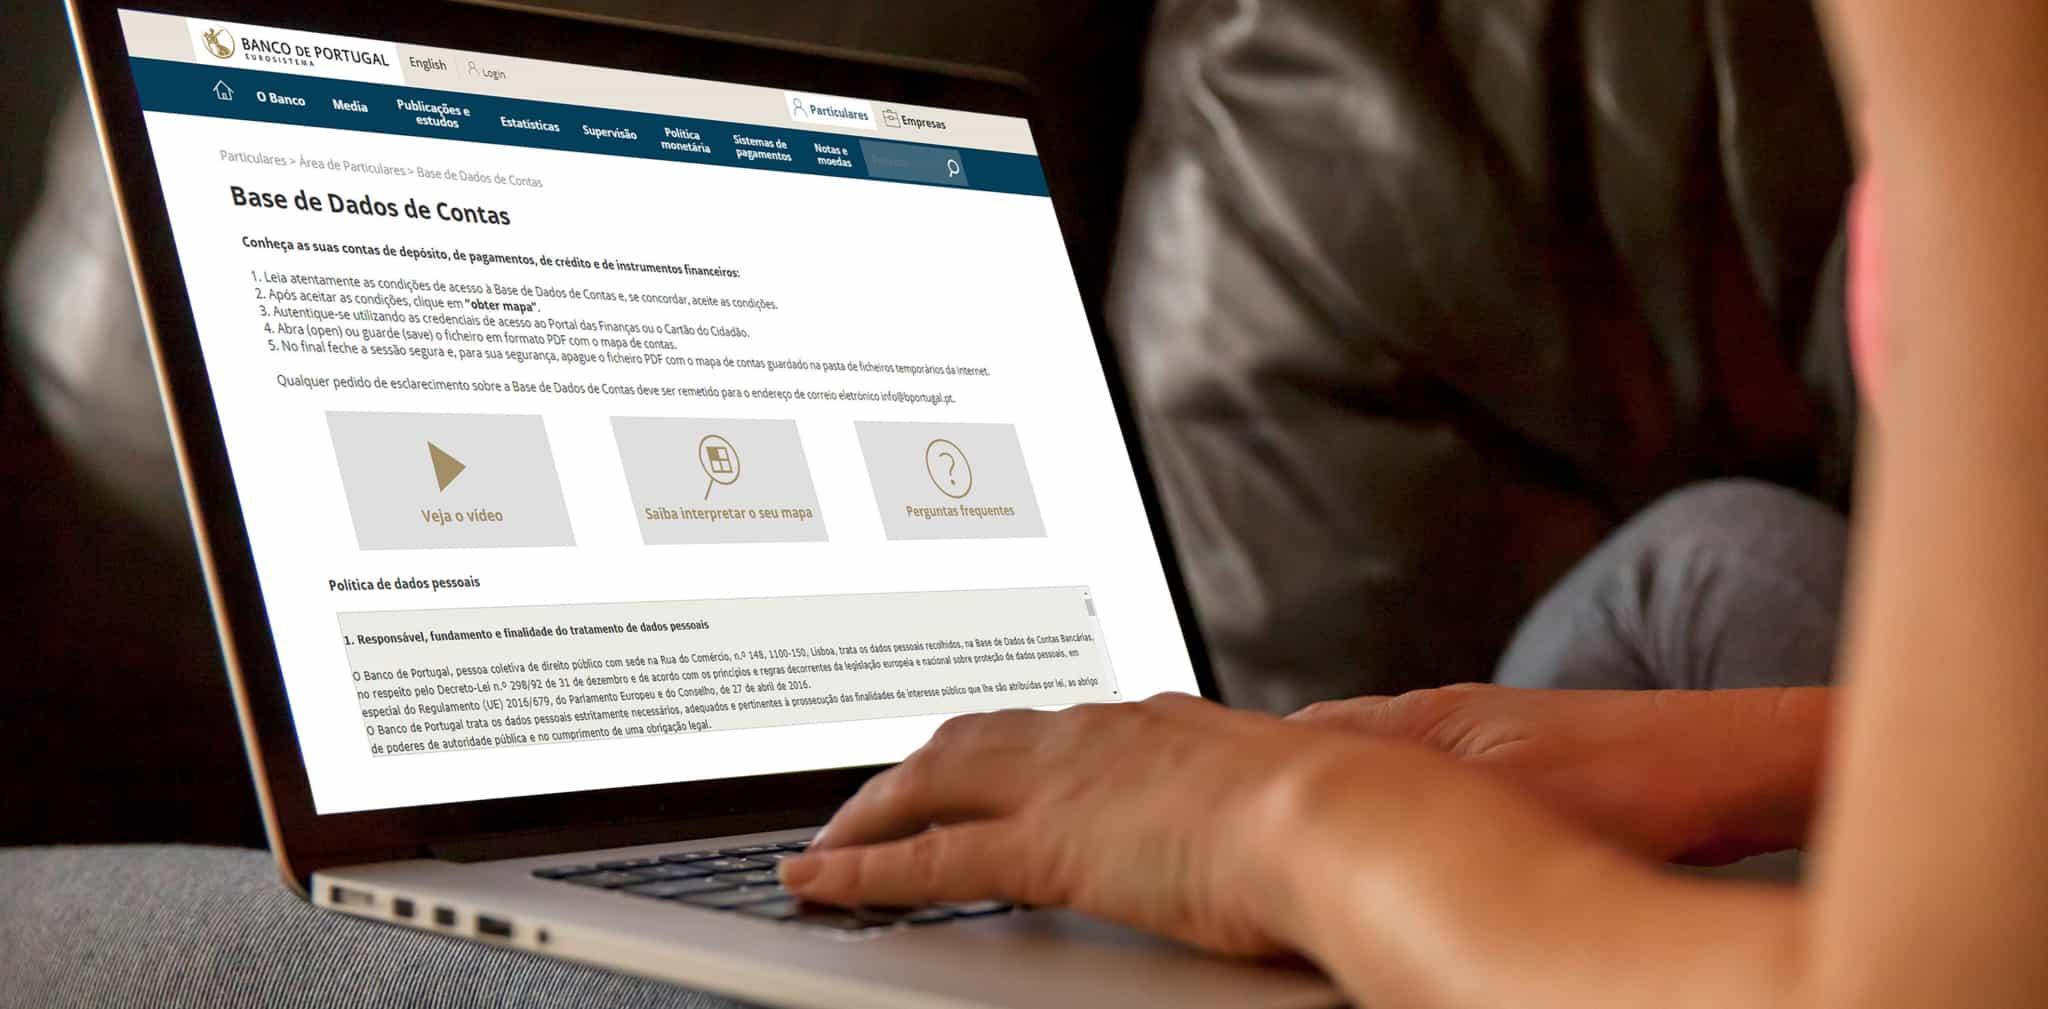 consulta de site Banco de Portugal_contas